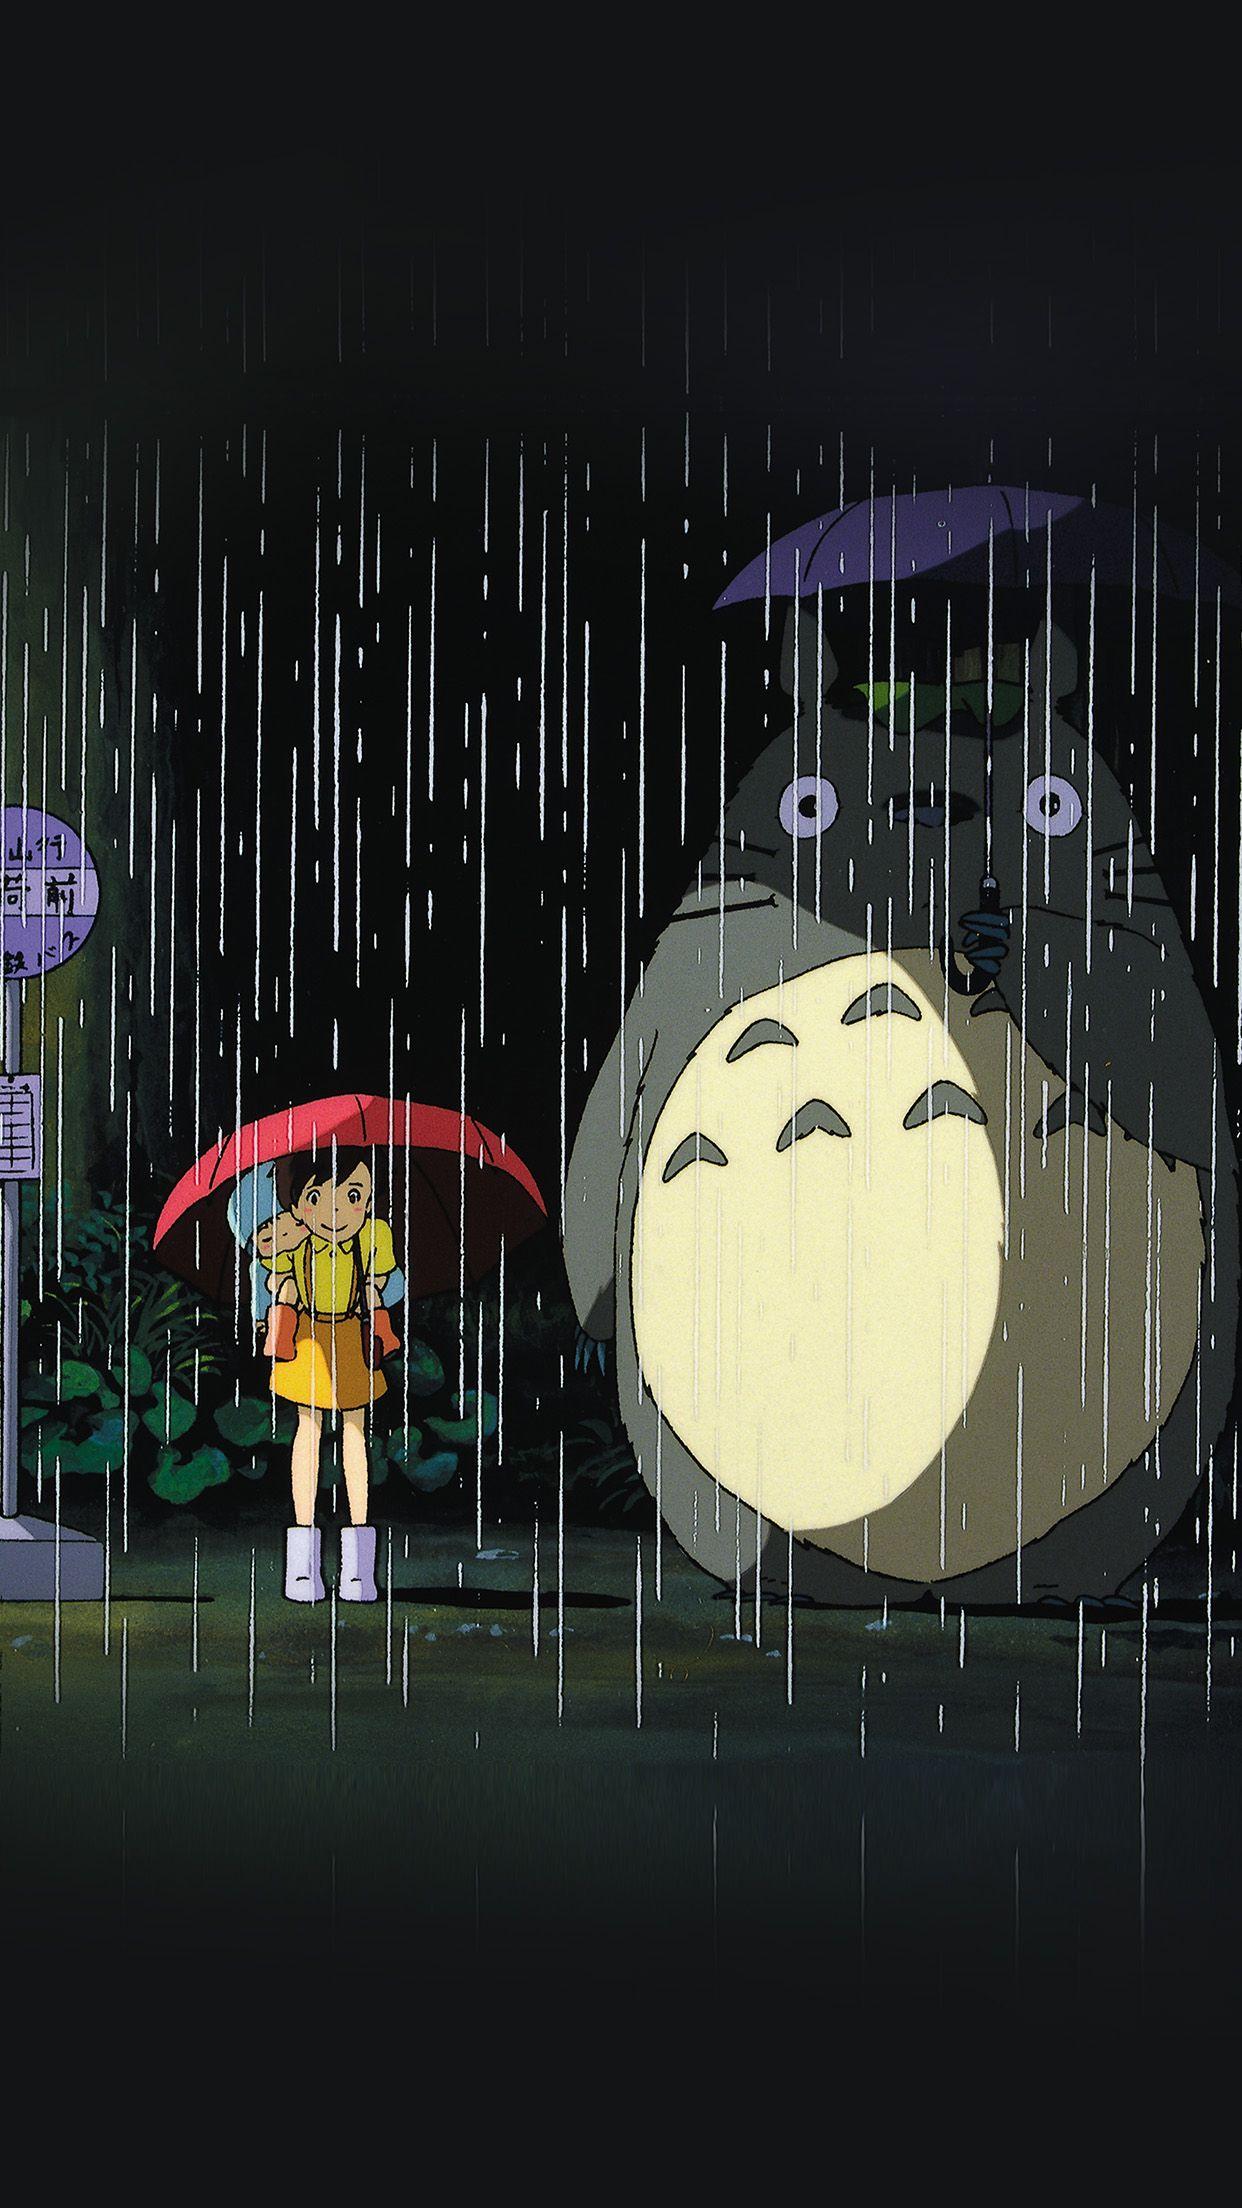 Aesthetic Wallpaper Anime In 2020 Totoro Art Aesthetic Wallpapers Dark Wallpaper Iphone